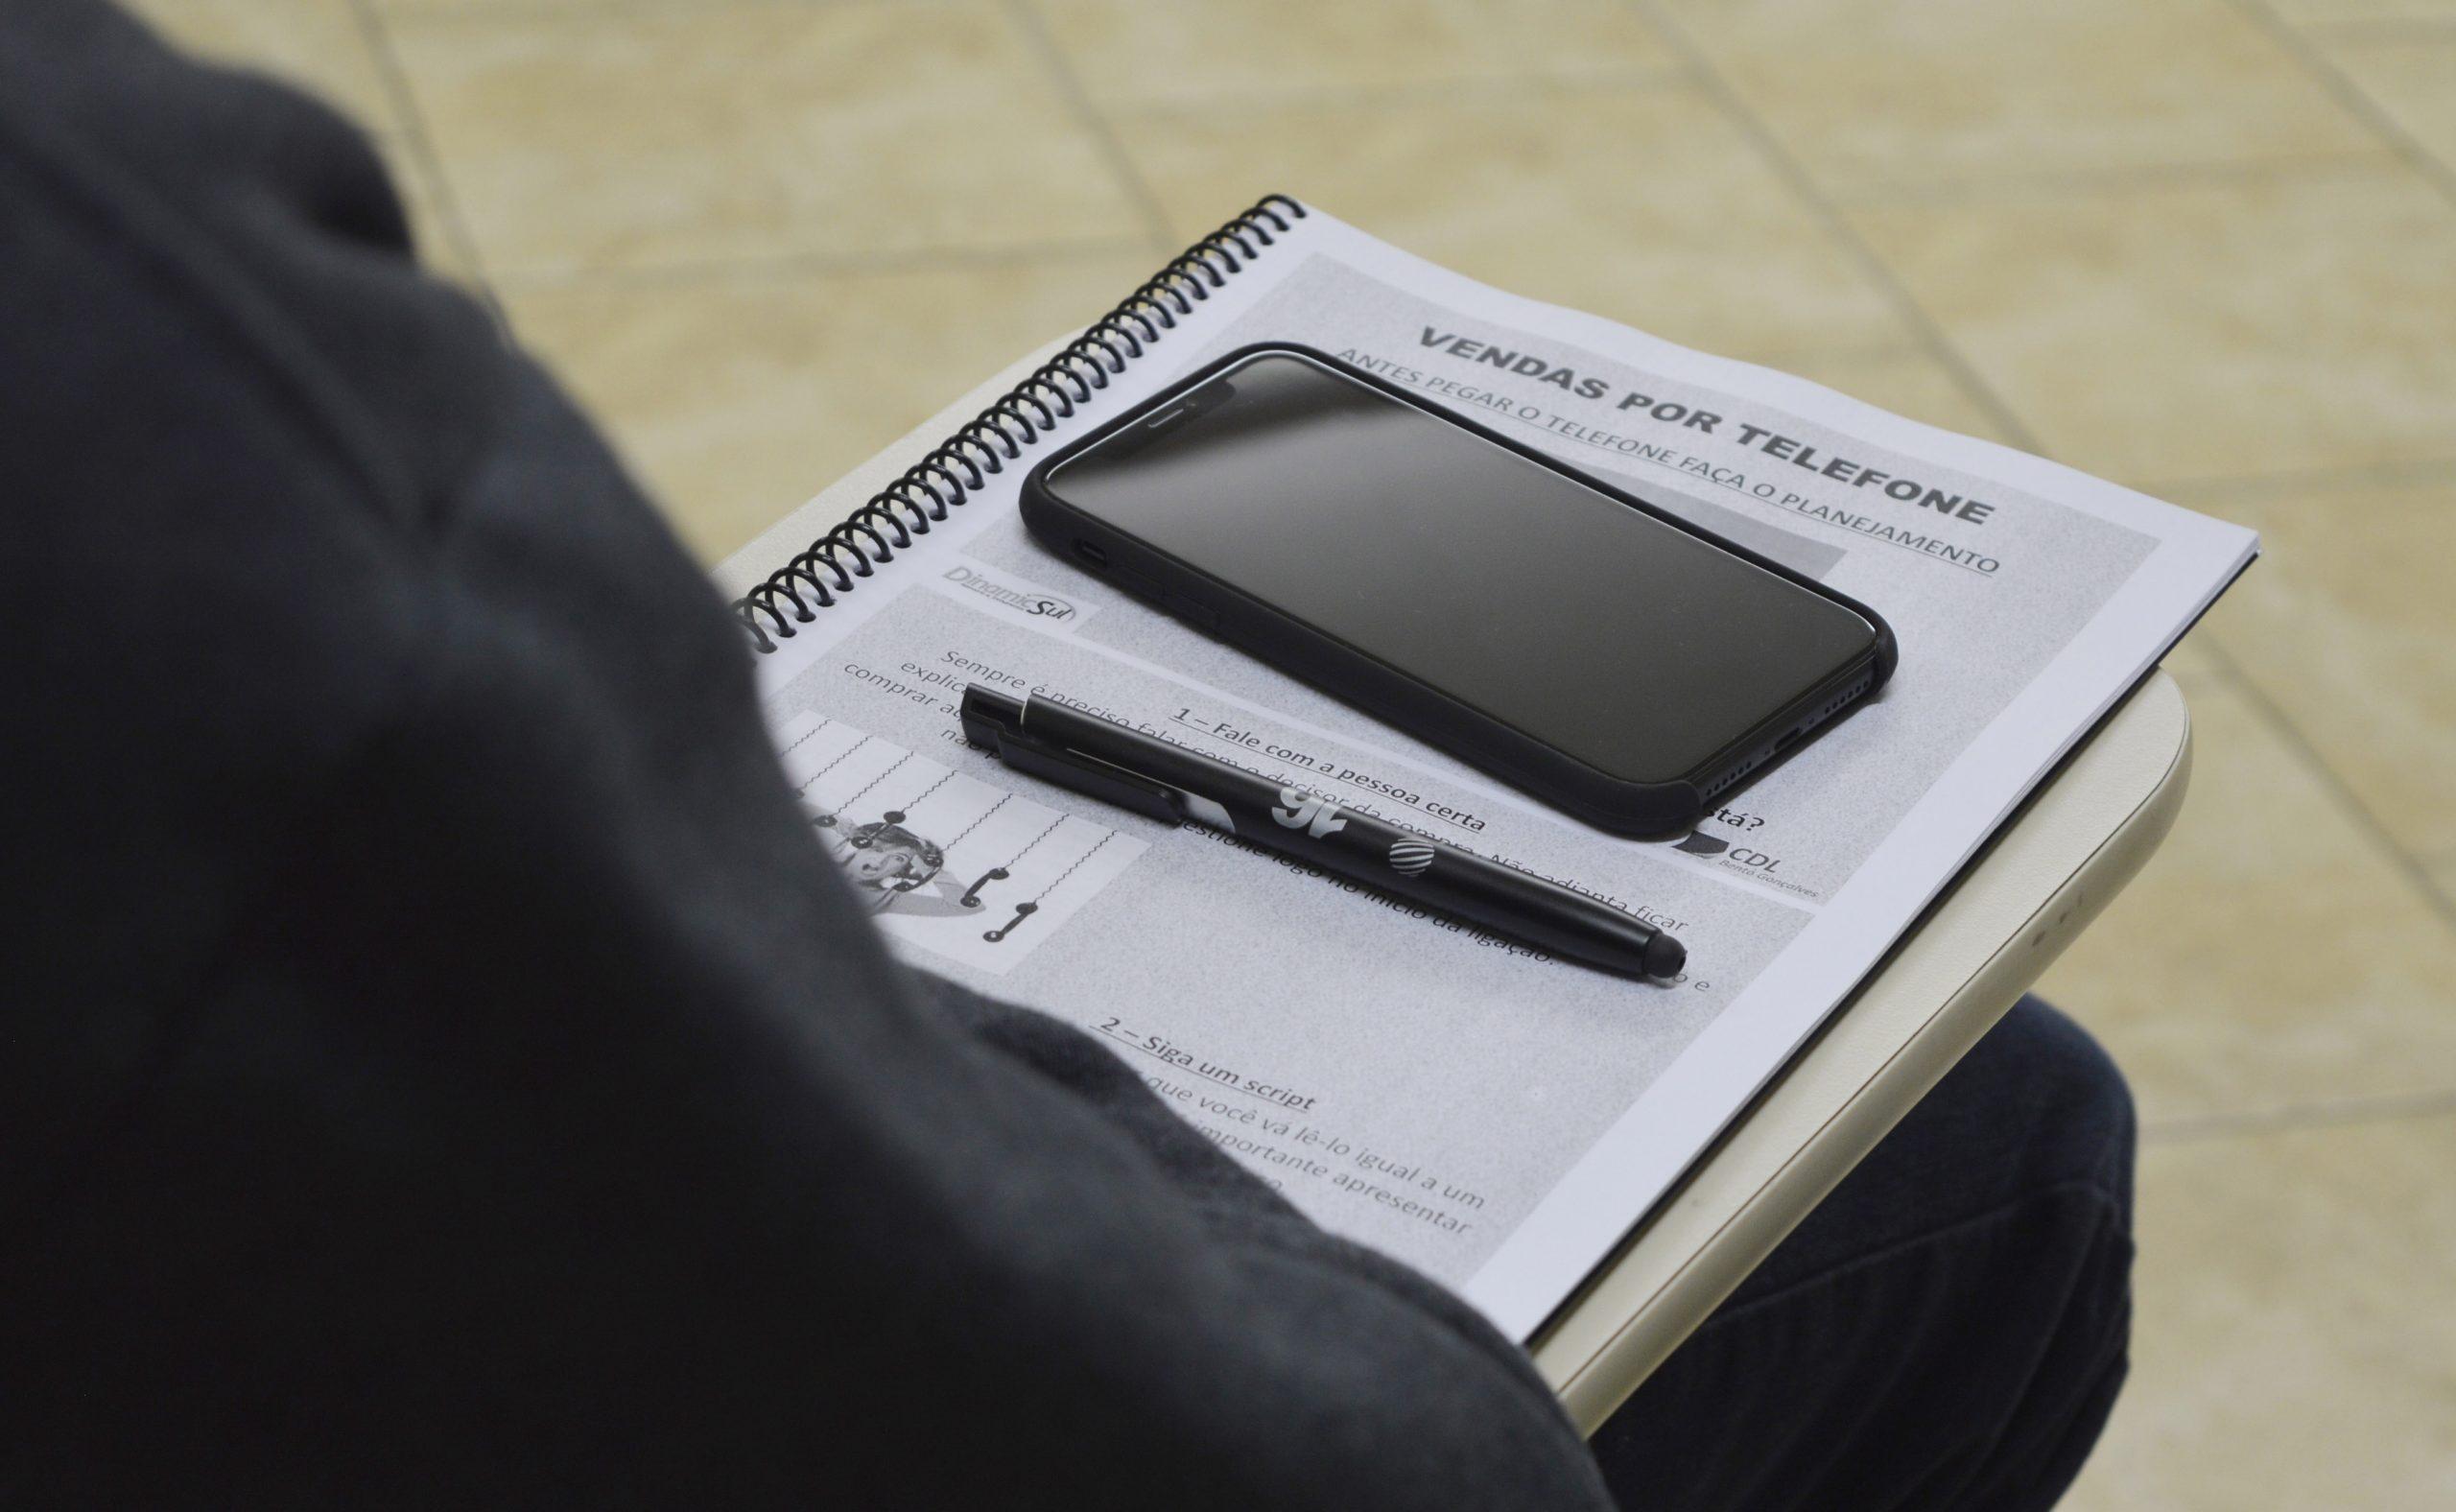 Agenda de cursos da CDL-BG contempla temas voltados aos profissionais do comércio – Crédito Exata Comunicação (1)